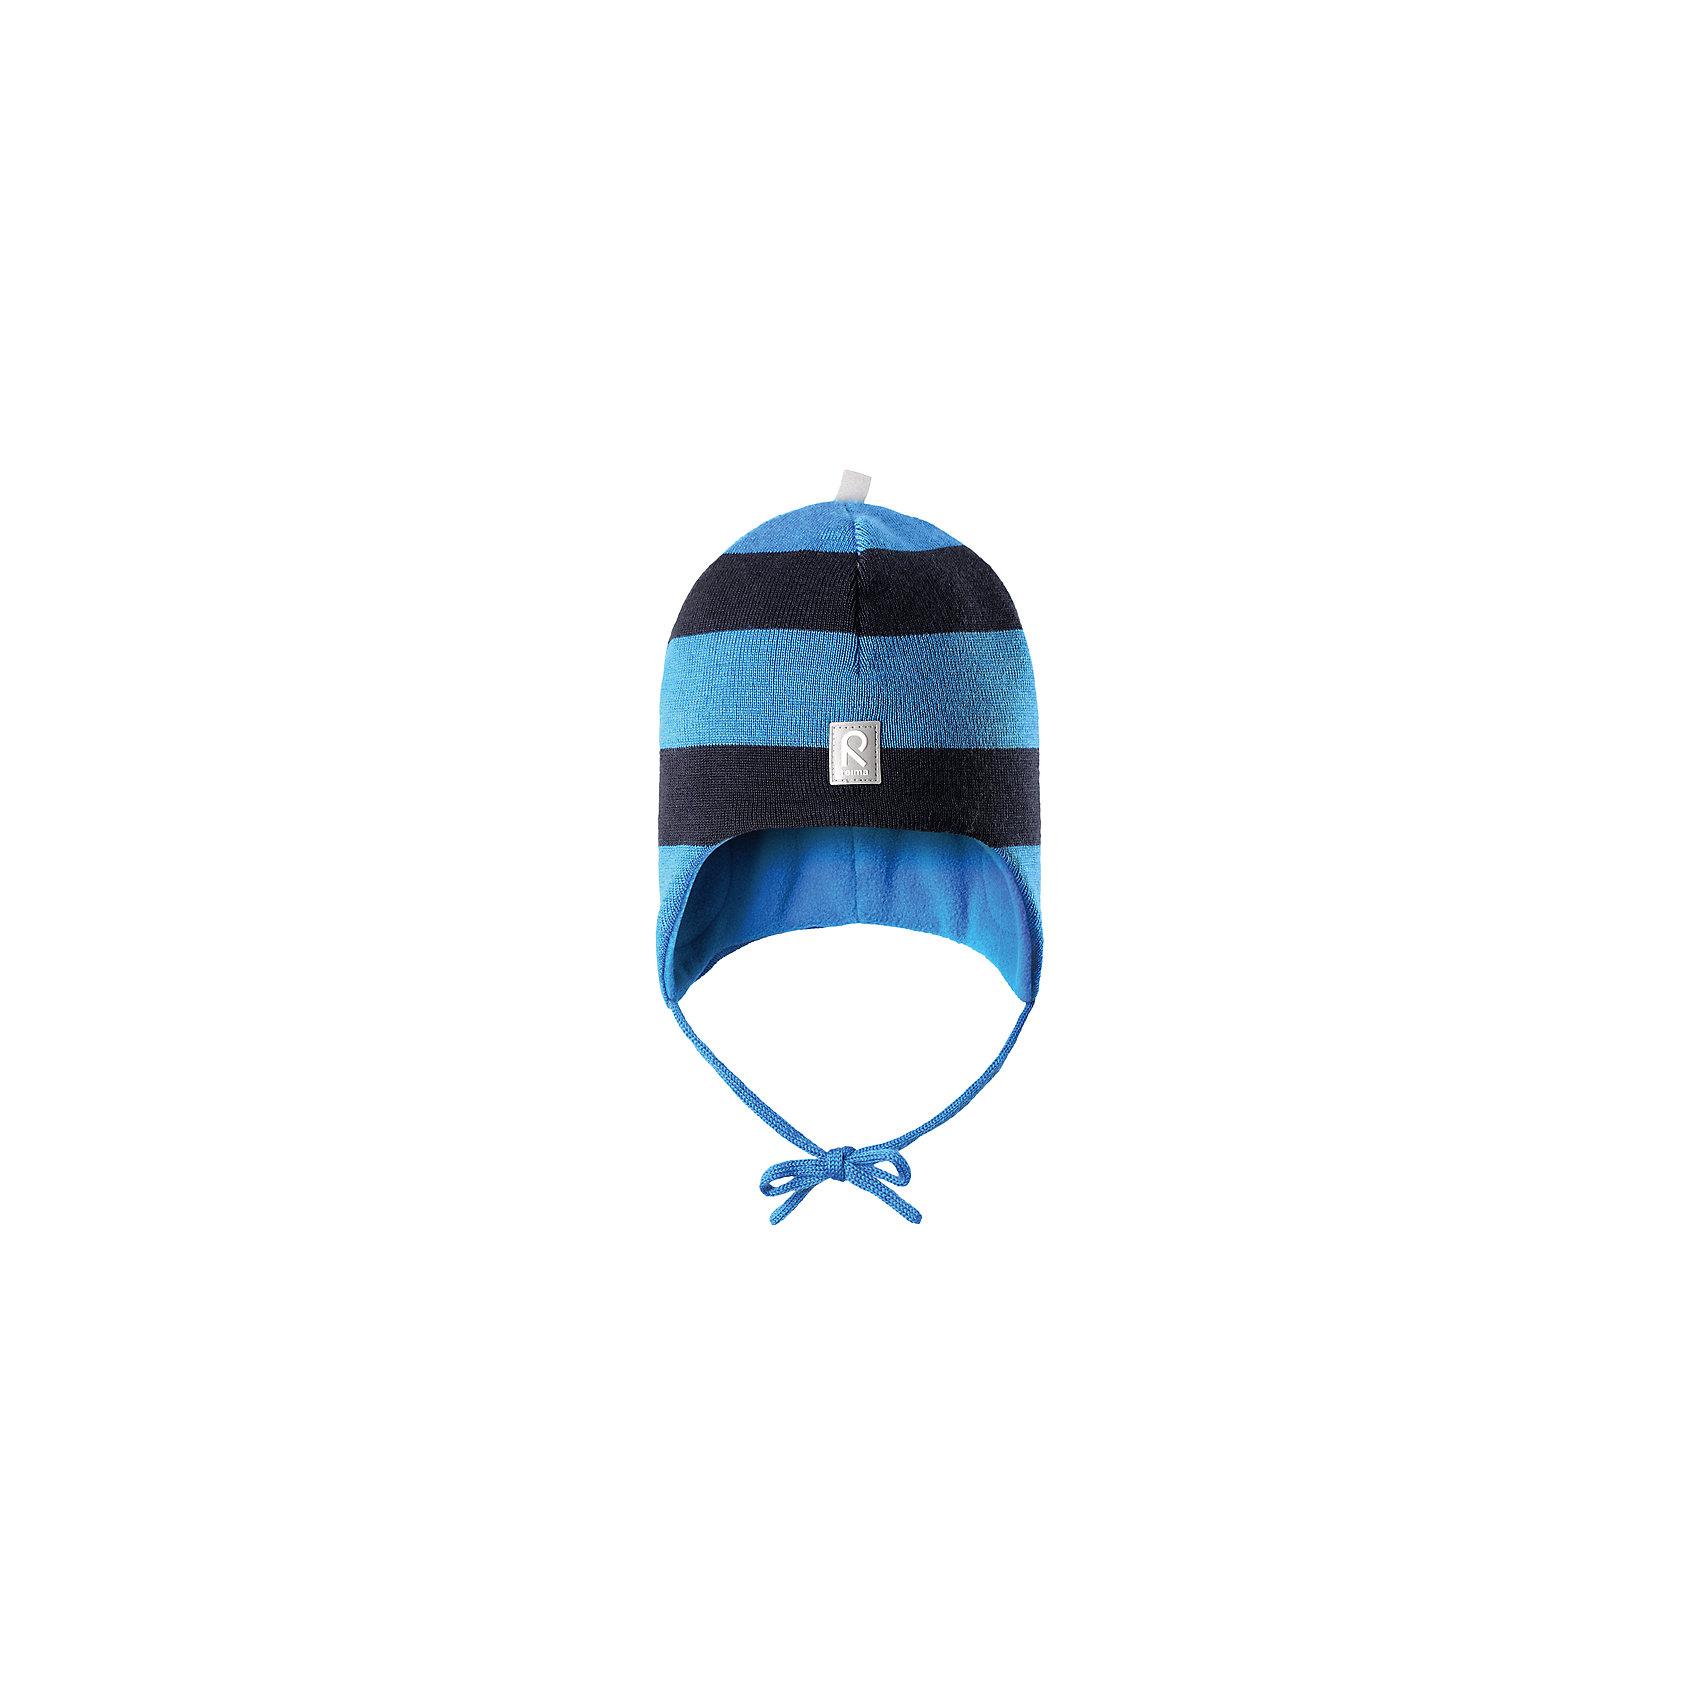 Шапка Auva ReimaШапка  Reima<br>Шапка «Бини» для малышей. Мягкая ткань из мериносовой шерсти для поддержания идеальной температуры тела. Теплая шерстяная вязка (волокно). Основной материал сертифицирован Oeko-Tex, класс 1, одежда для малышей. Ветронепроницаемые вставки в области ушей. Любые размеры. Мягкая теплая подкладка из поларфлиса. Светоотражающие детали сверху.<br>Уход:<br>Стирать по отдельности, вывернув наизнанку. Придать первоначальную форму вo влажном виде. Возможна усадка 5 %.<br>Состав:<br>100% Шерсть<br><br>Ширина мм: 89<br>Глубина мм: 117<br>Высота мм: 44<br>Вес г: 155<br>Цвет: голубой<br>Возраст от месяцев: 18<br>Возраст до месяцев: 36<br>Пол: Мужской<br>Возраст: Детский<br>Размер: 50,52,48,46<br>SKU: 4775731